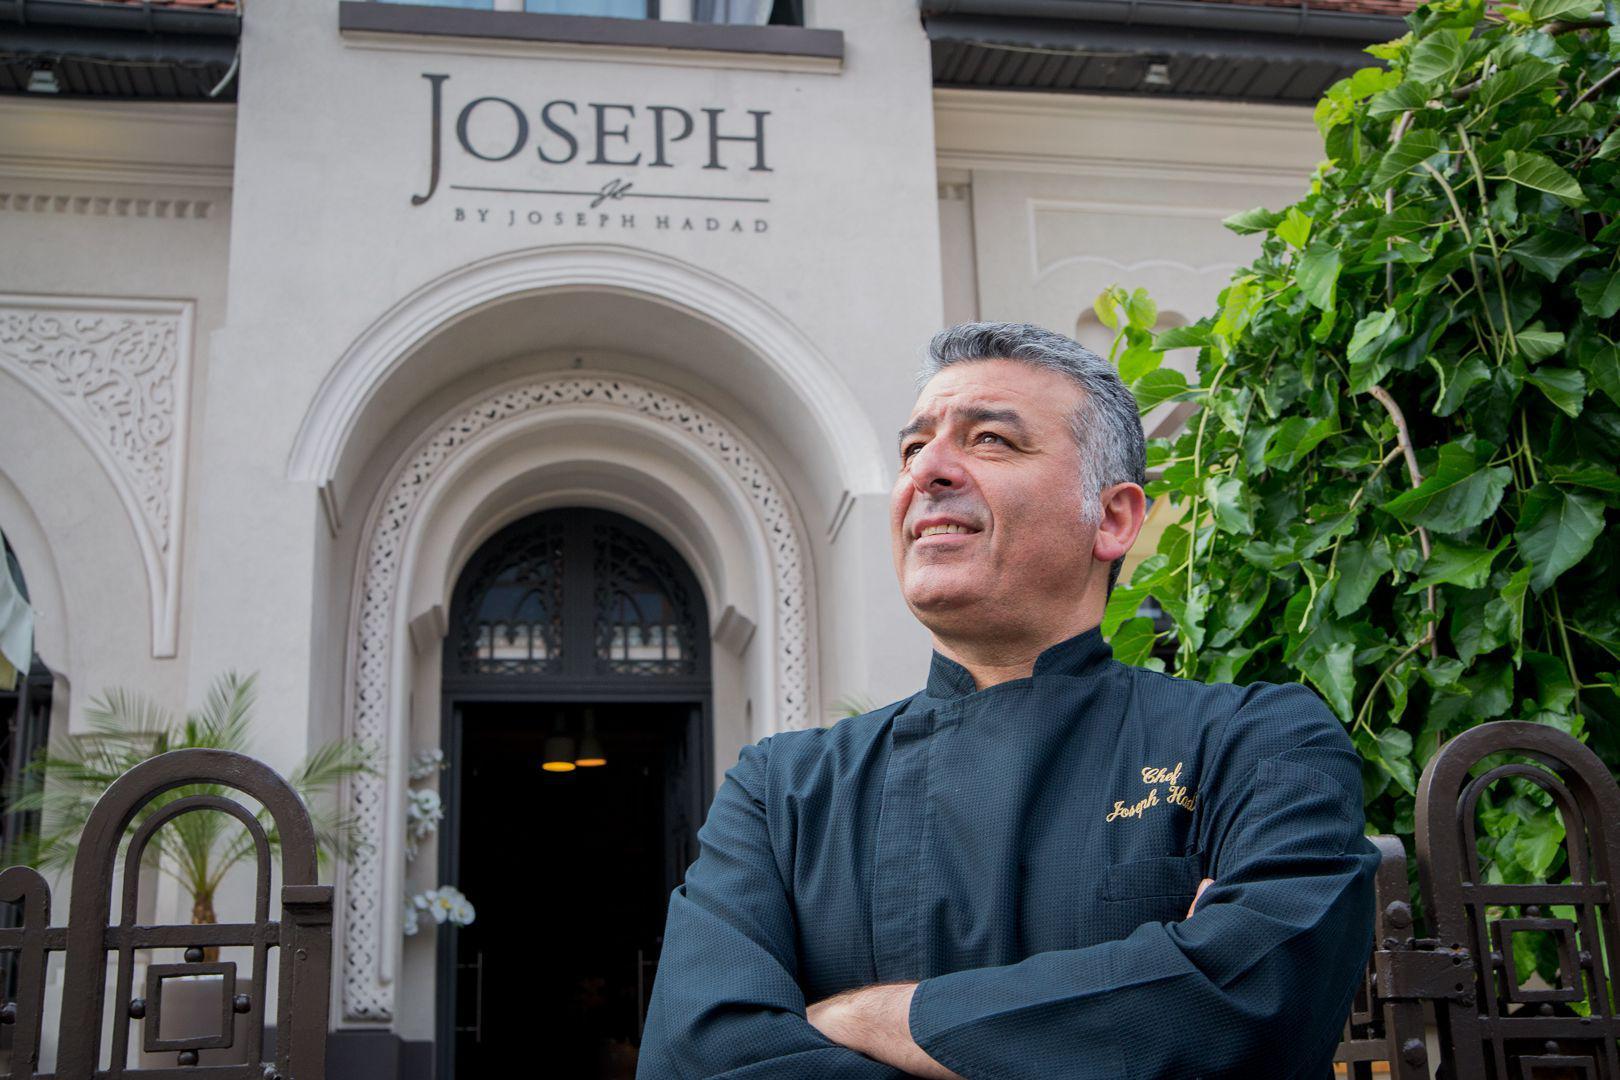 VIDEO EXCLUSIV/ Chef Joseph Hadad: «După ce a murit soția, am avut cel mai greu an din viața mea». Și-a crescut singur copiii